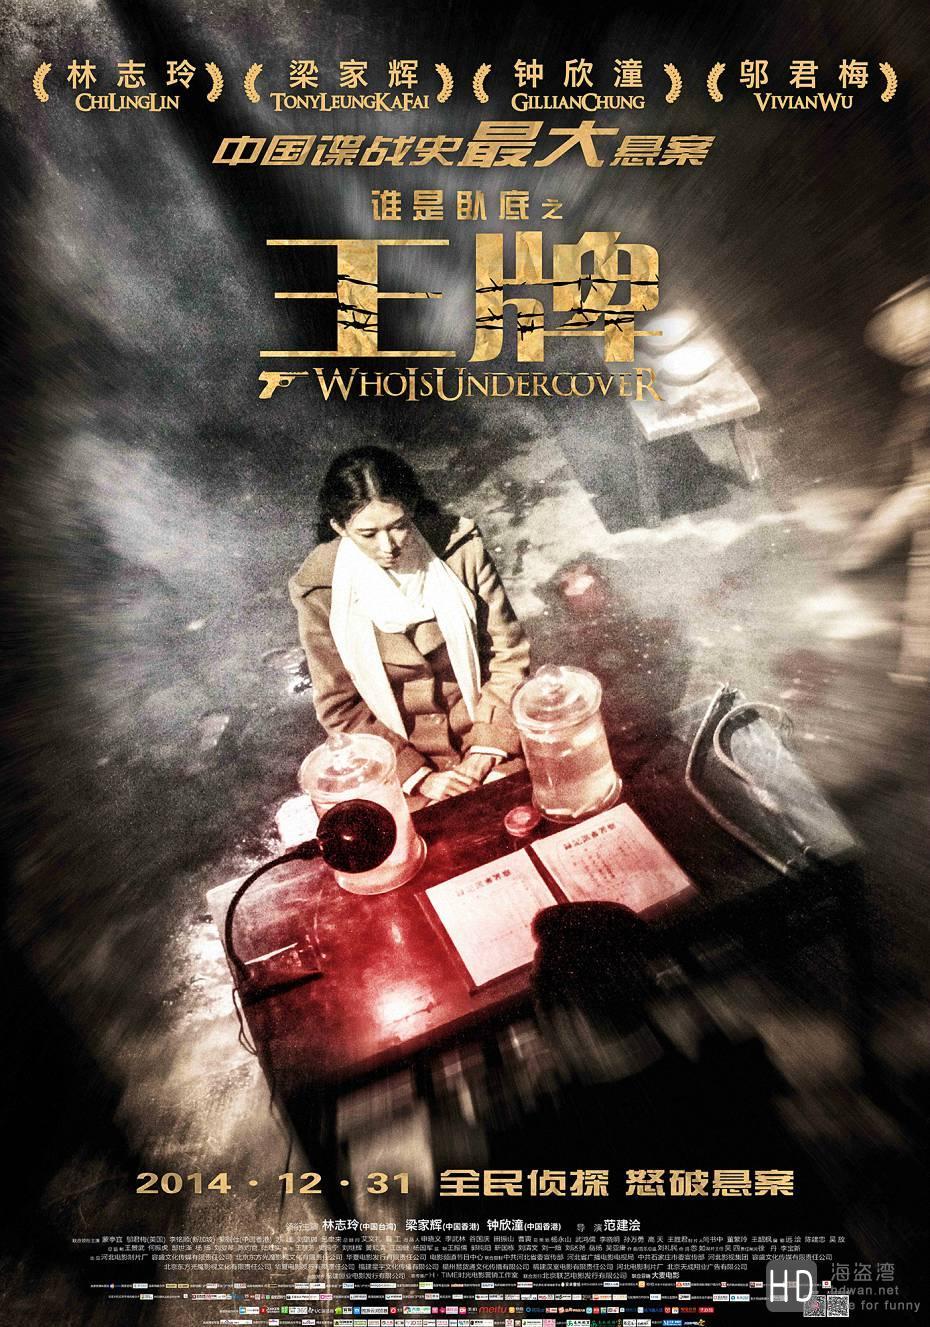 [2014][中国大陆][剧情/悬疑][王牌/谁是卧底之王牌][720P-MKV]